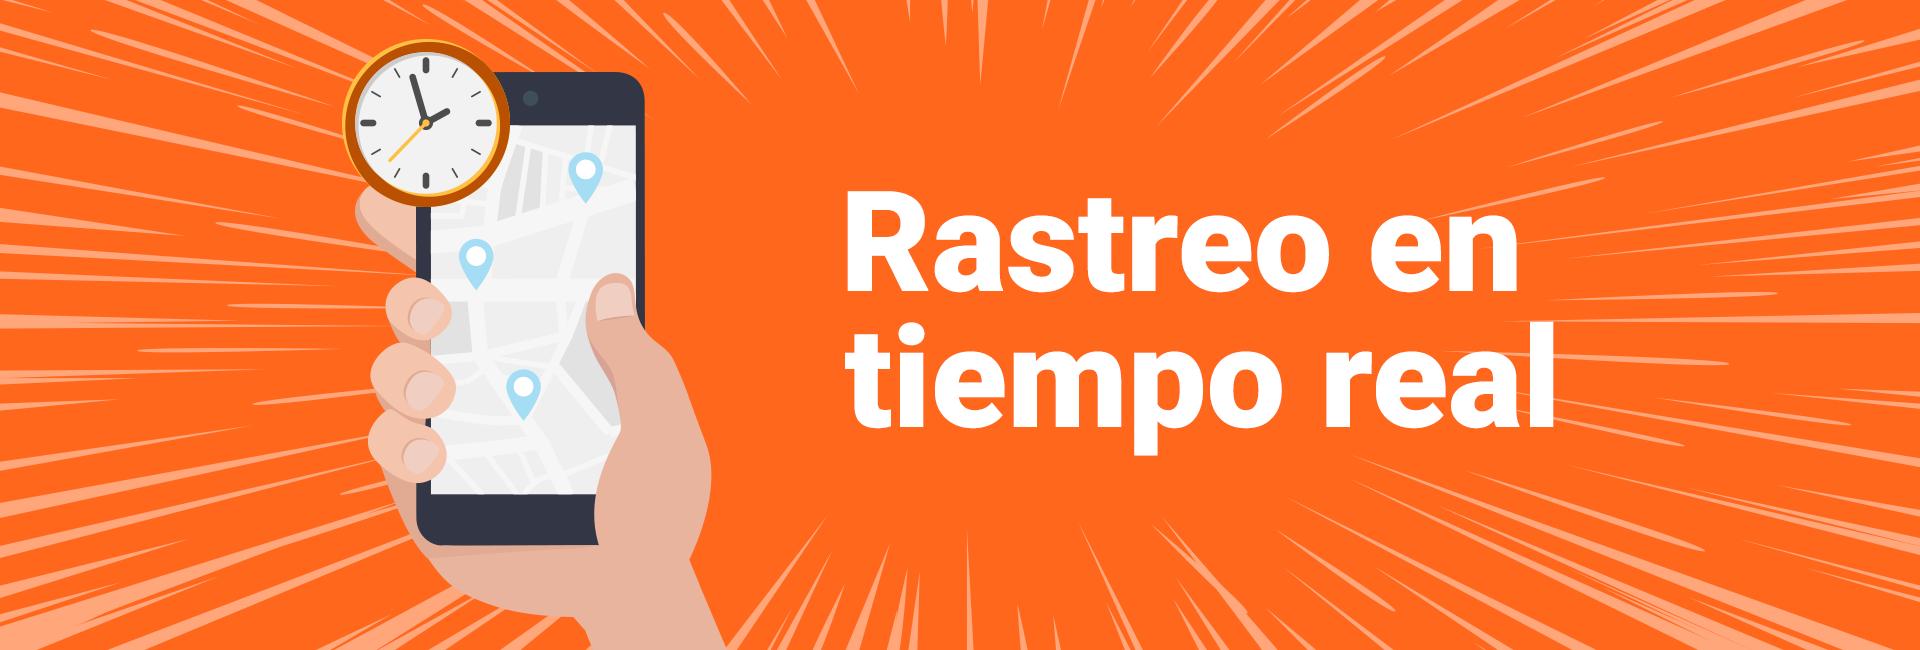 LandingPage_1920x650-TiempoReal